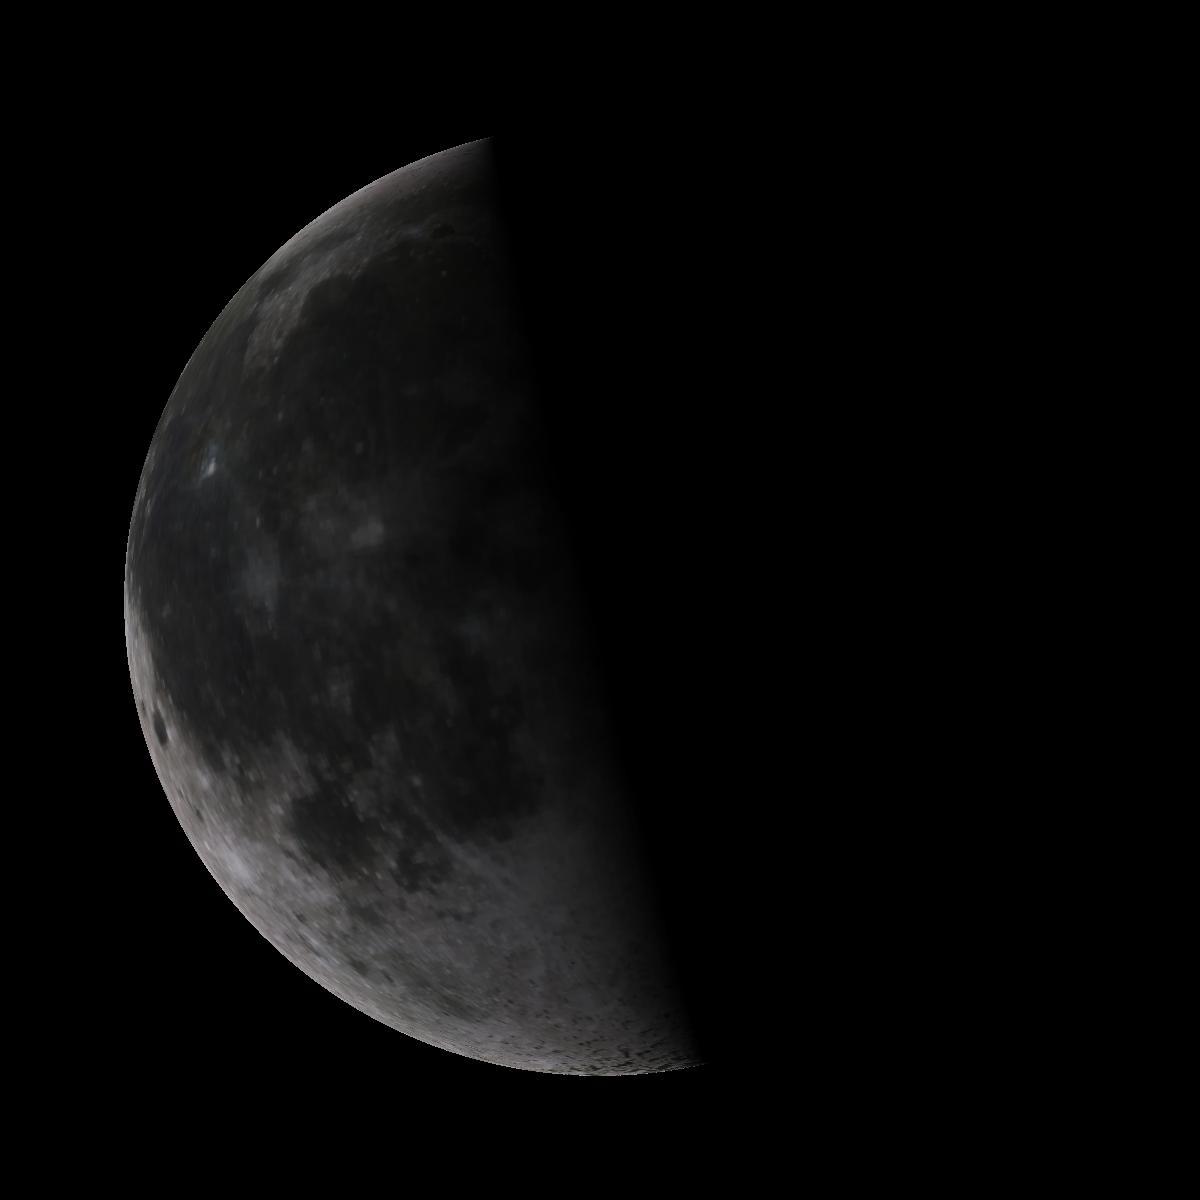 Lune du 16 février 2020